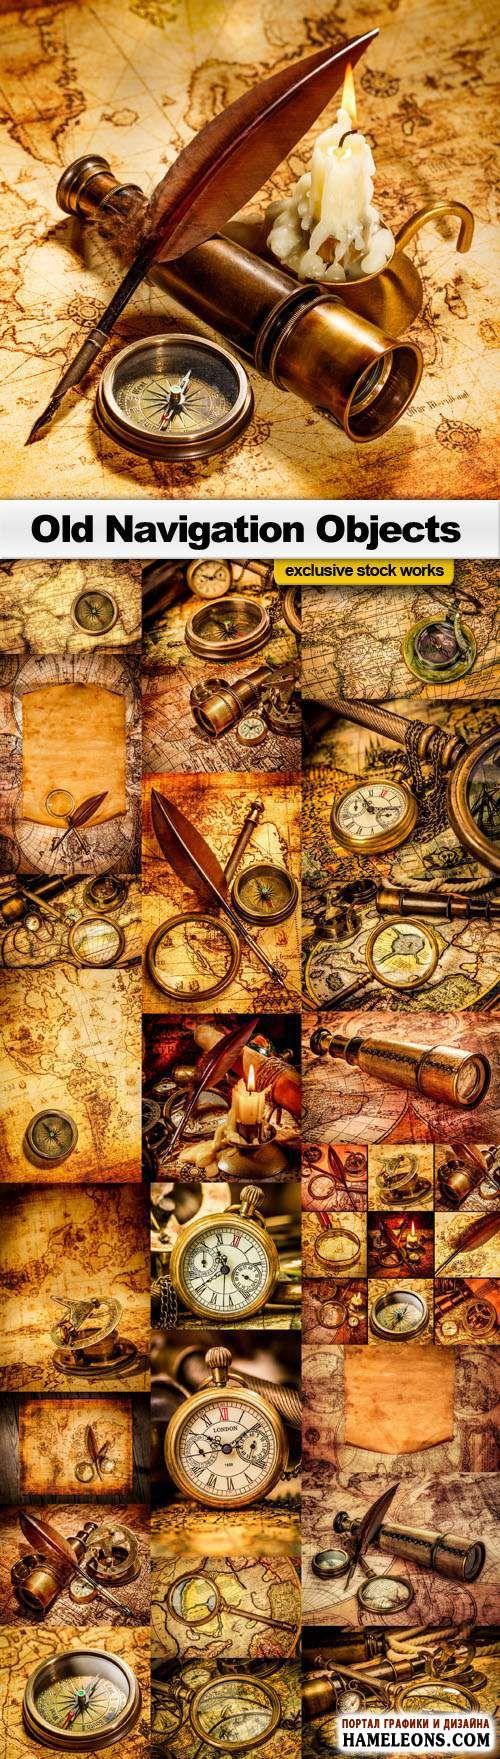 Навигация - старинная карта, компас, подзорная труба - Растровый клипарт   Old Navigation Objects